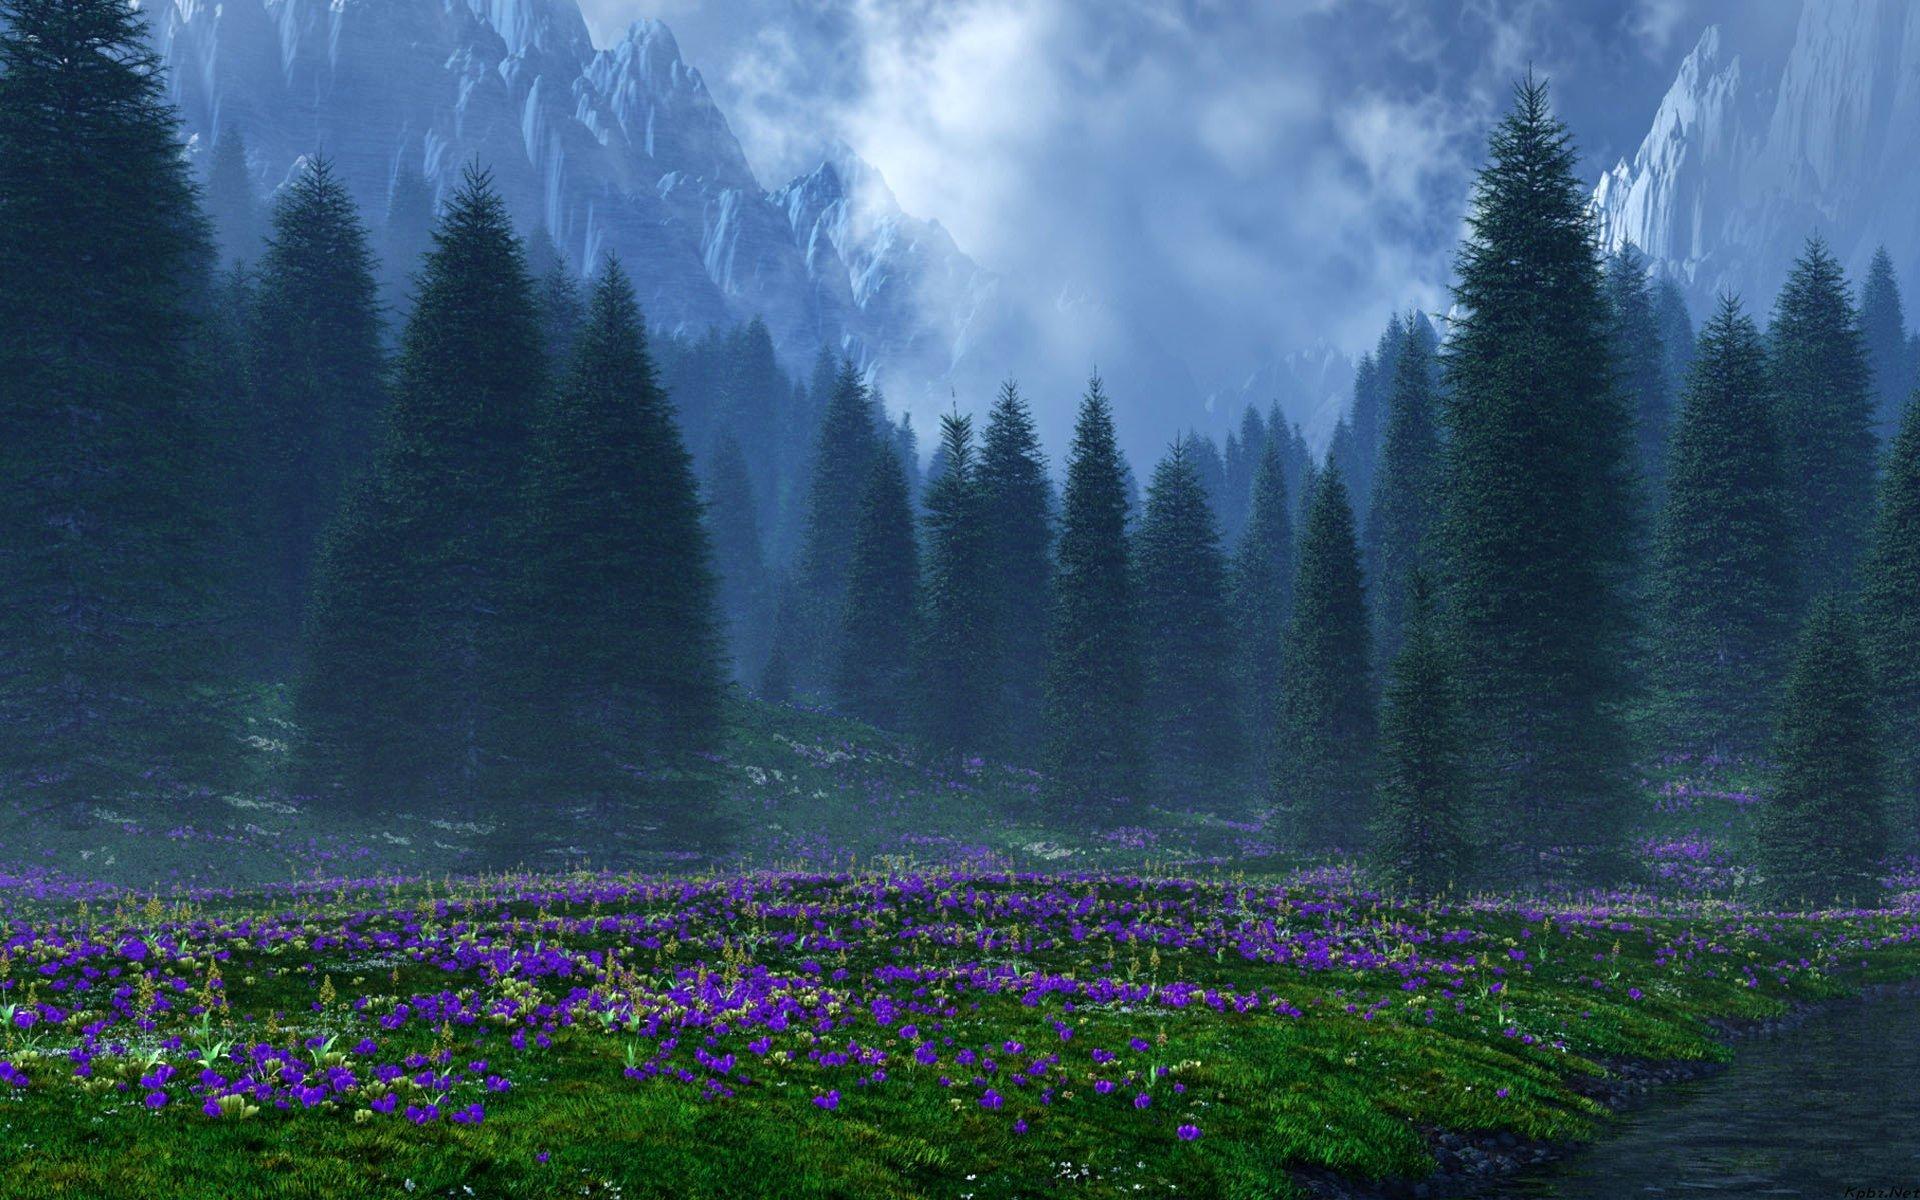 горы, ели, цветочная поляна  № 3586928 бесплатно